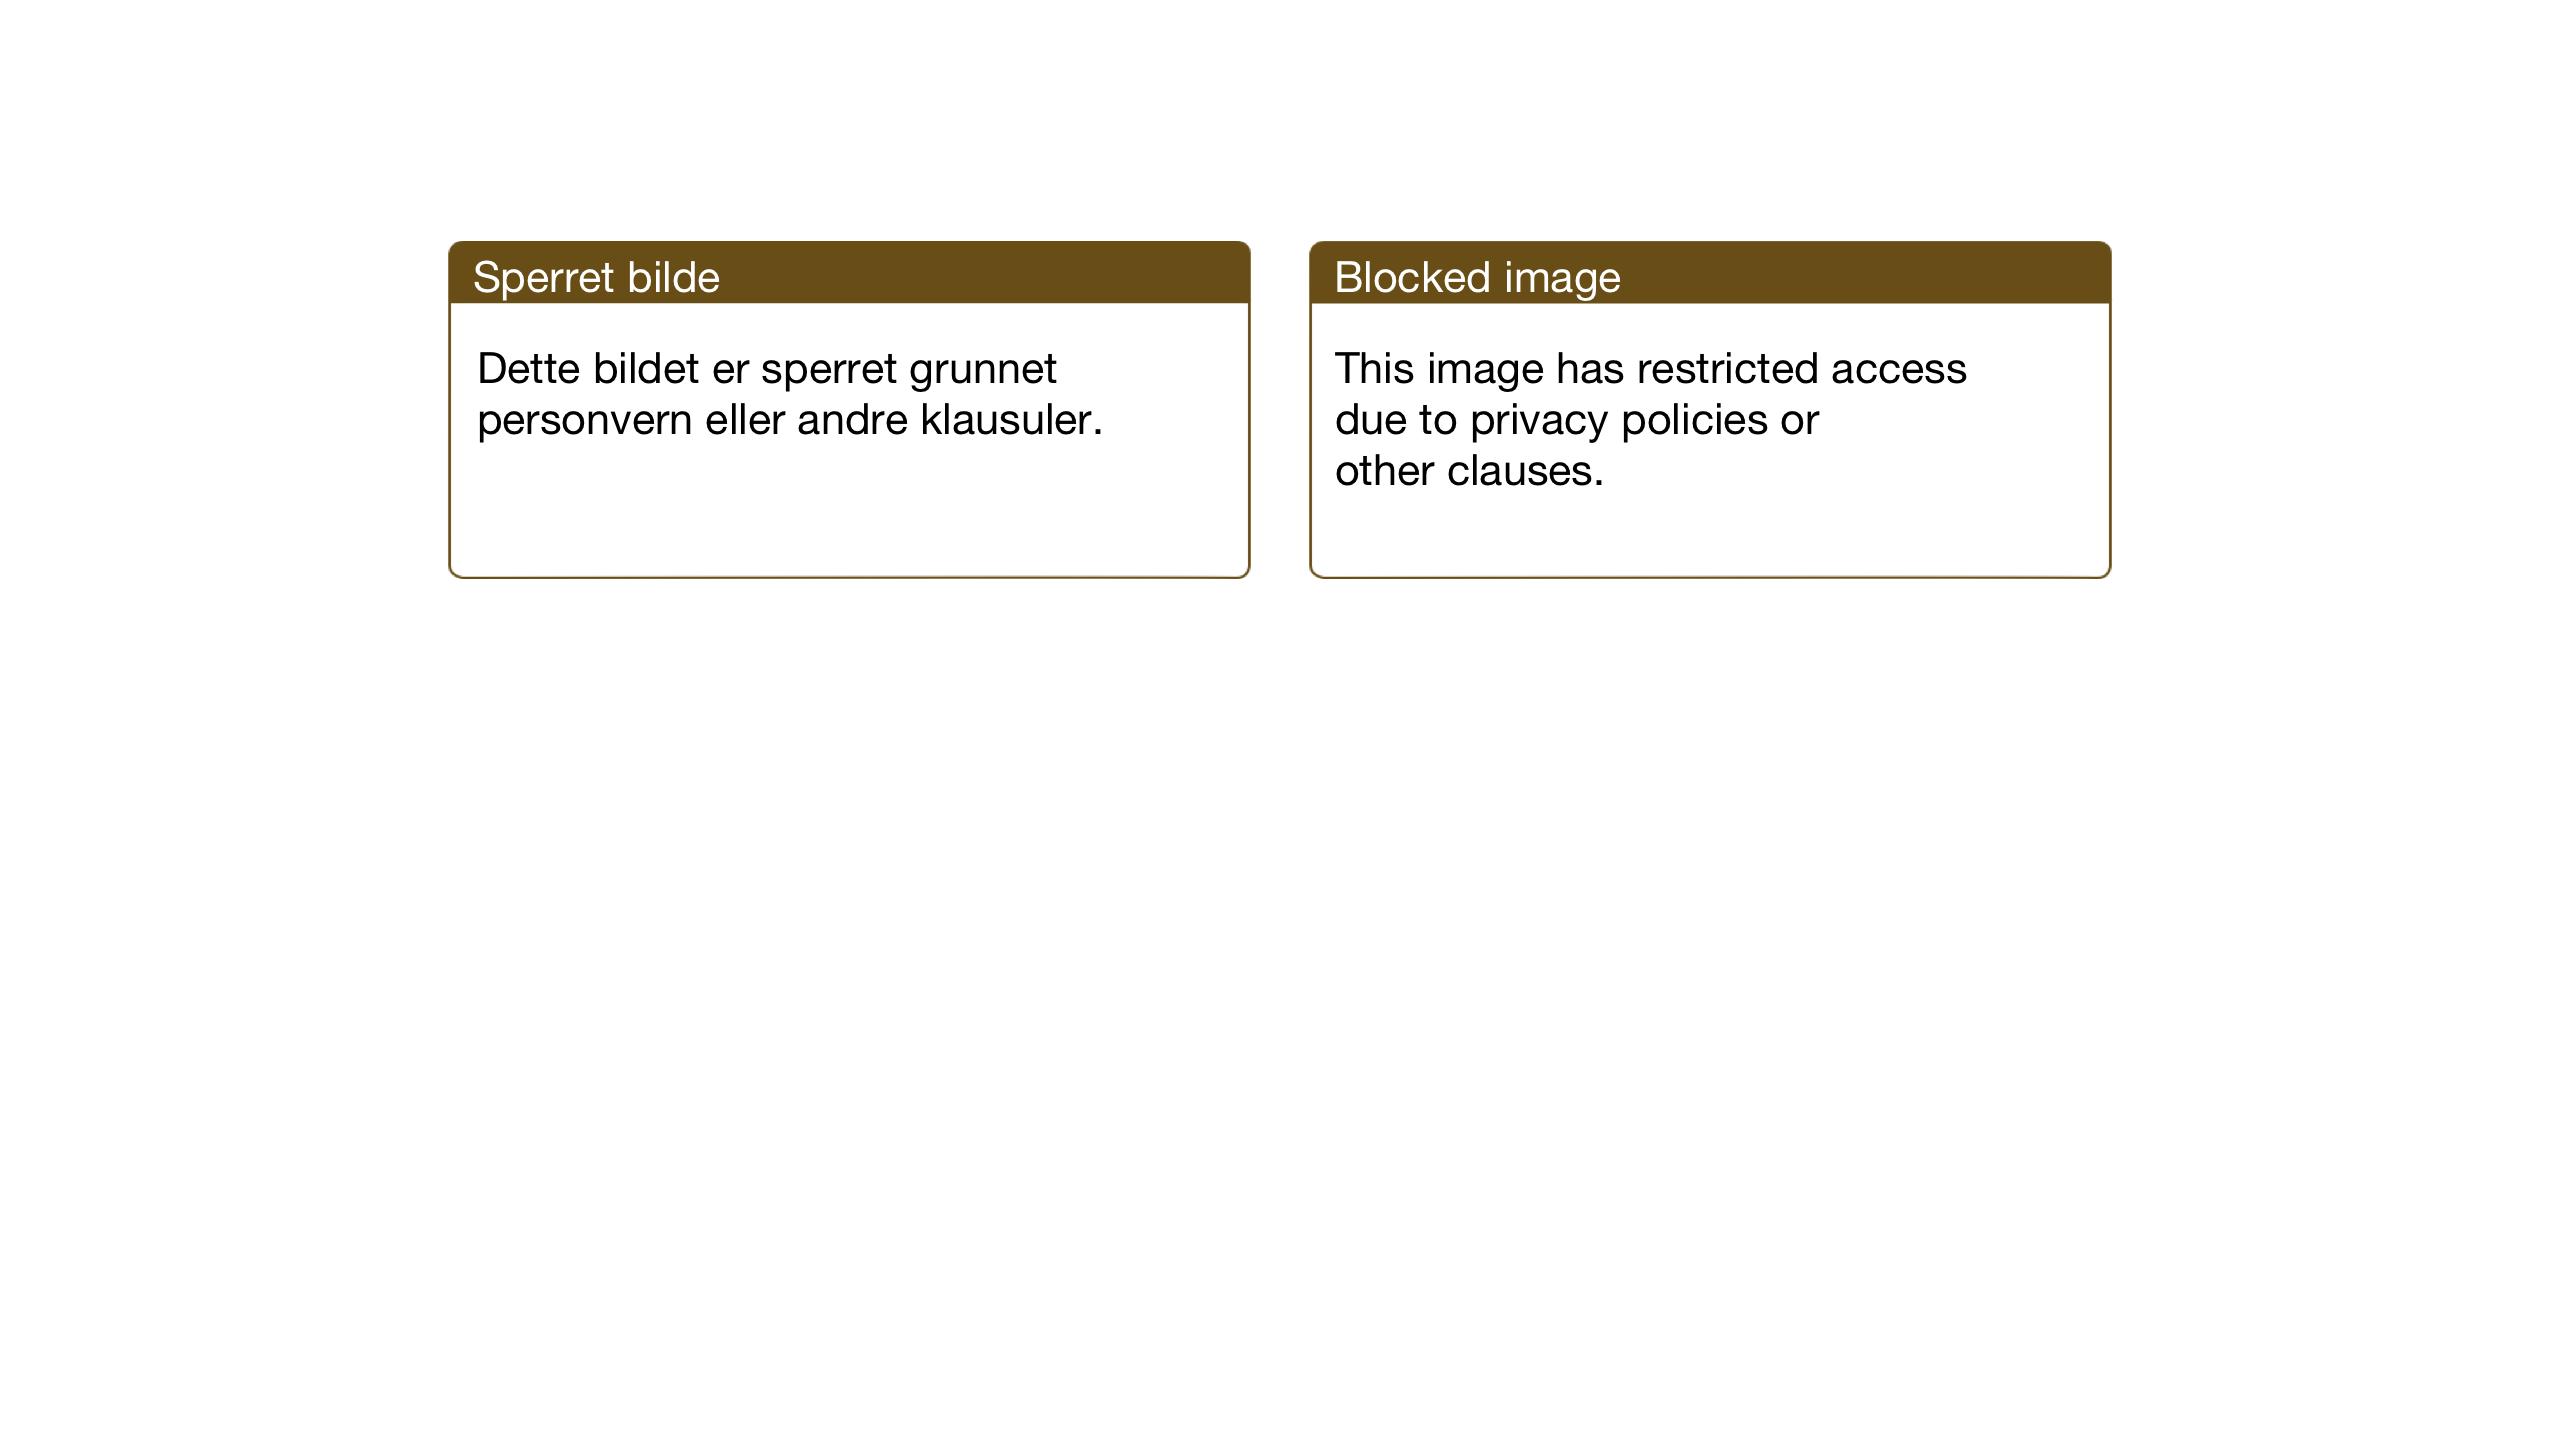 SAT, Ministerialprotokoller, klokkerbøker og fødselsregistre - Nord-Trøndelag, 770/L0591: Klokkerbok nr. 770C02, 1902-1940, s. 79